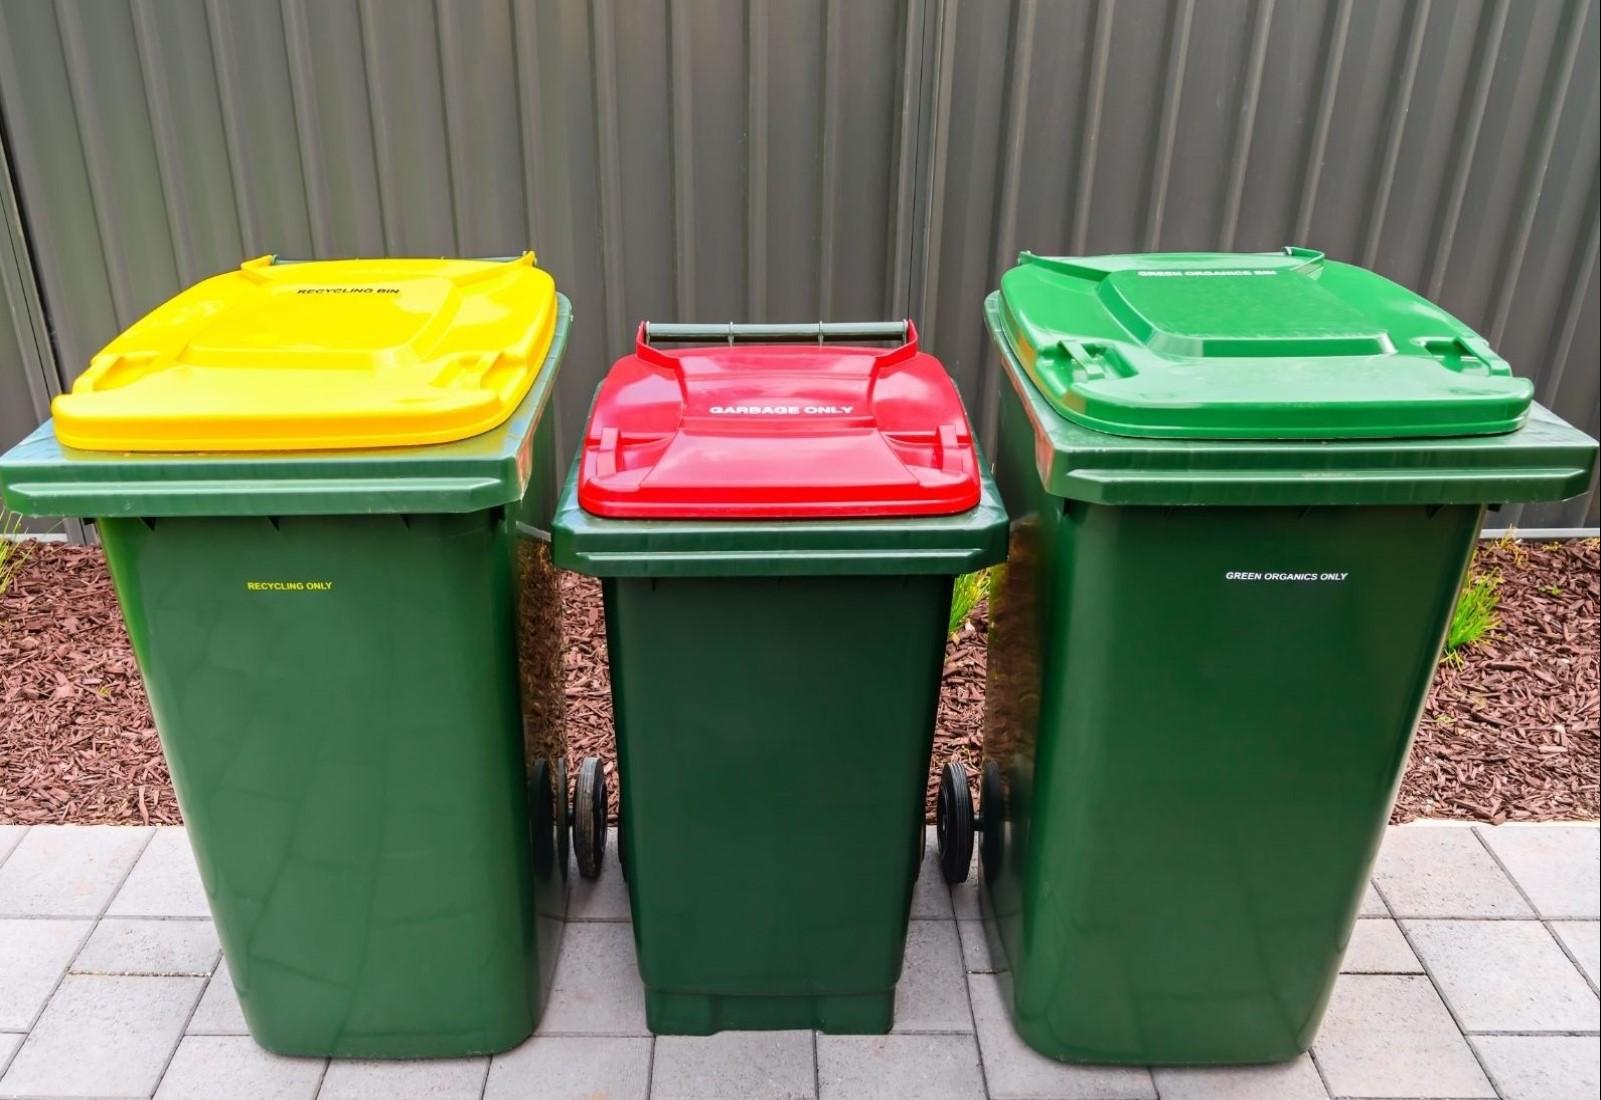 Wheelie bin wash